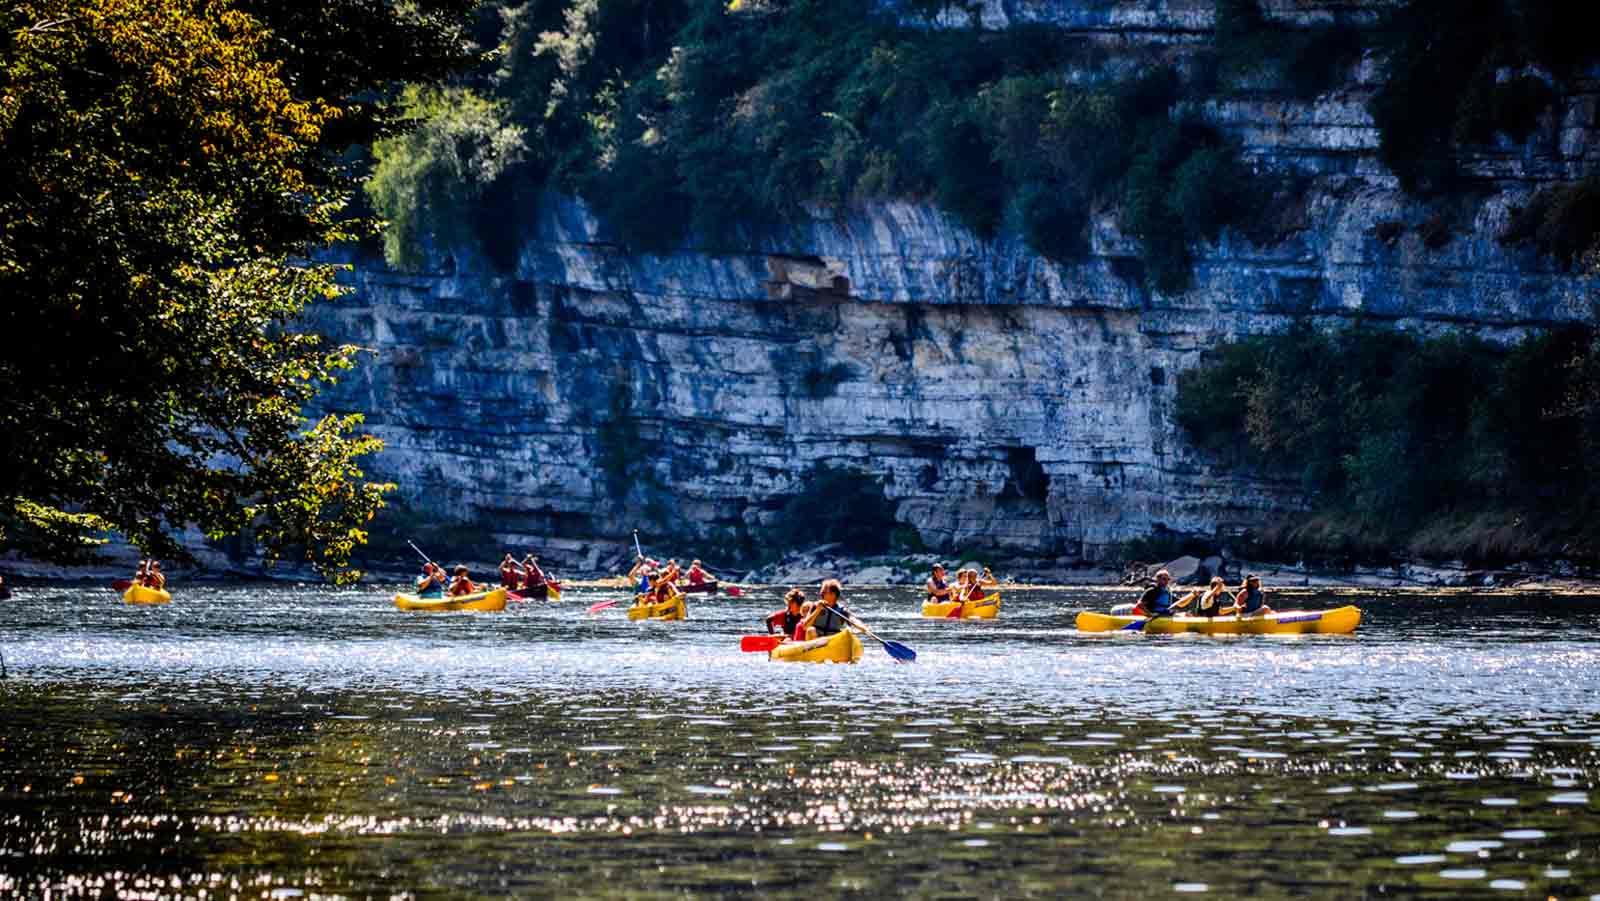 Vallée de la Dordogne location Canoë